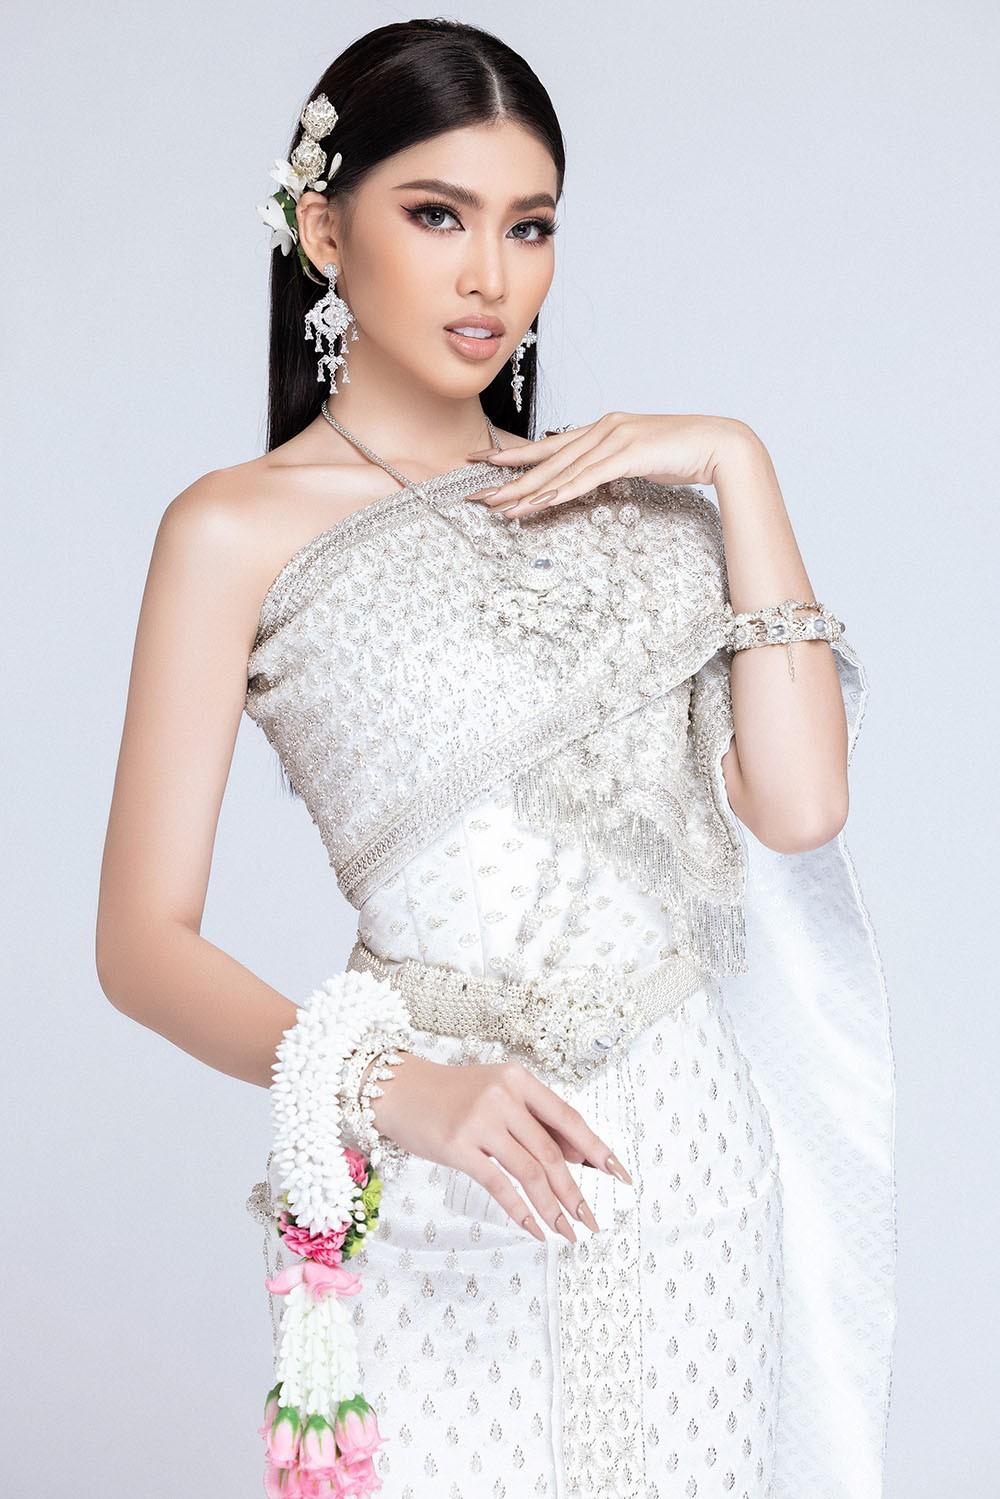 Sau khi bị hack instagram, Ngọc Thảo tung bộ ảnh đẹp 'đỉnh cao' khi mặc quốc phục Thái Lan ảnh 4